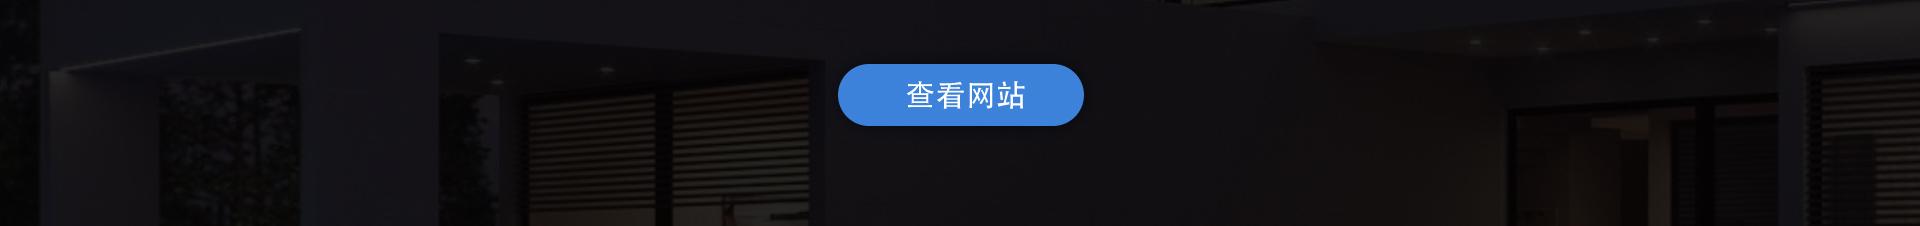 范帅宇-范帅宇-兰亭科技-范帅宇-兰亭科技_02